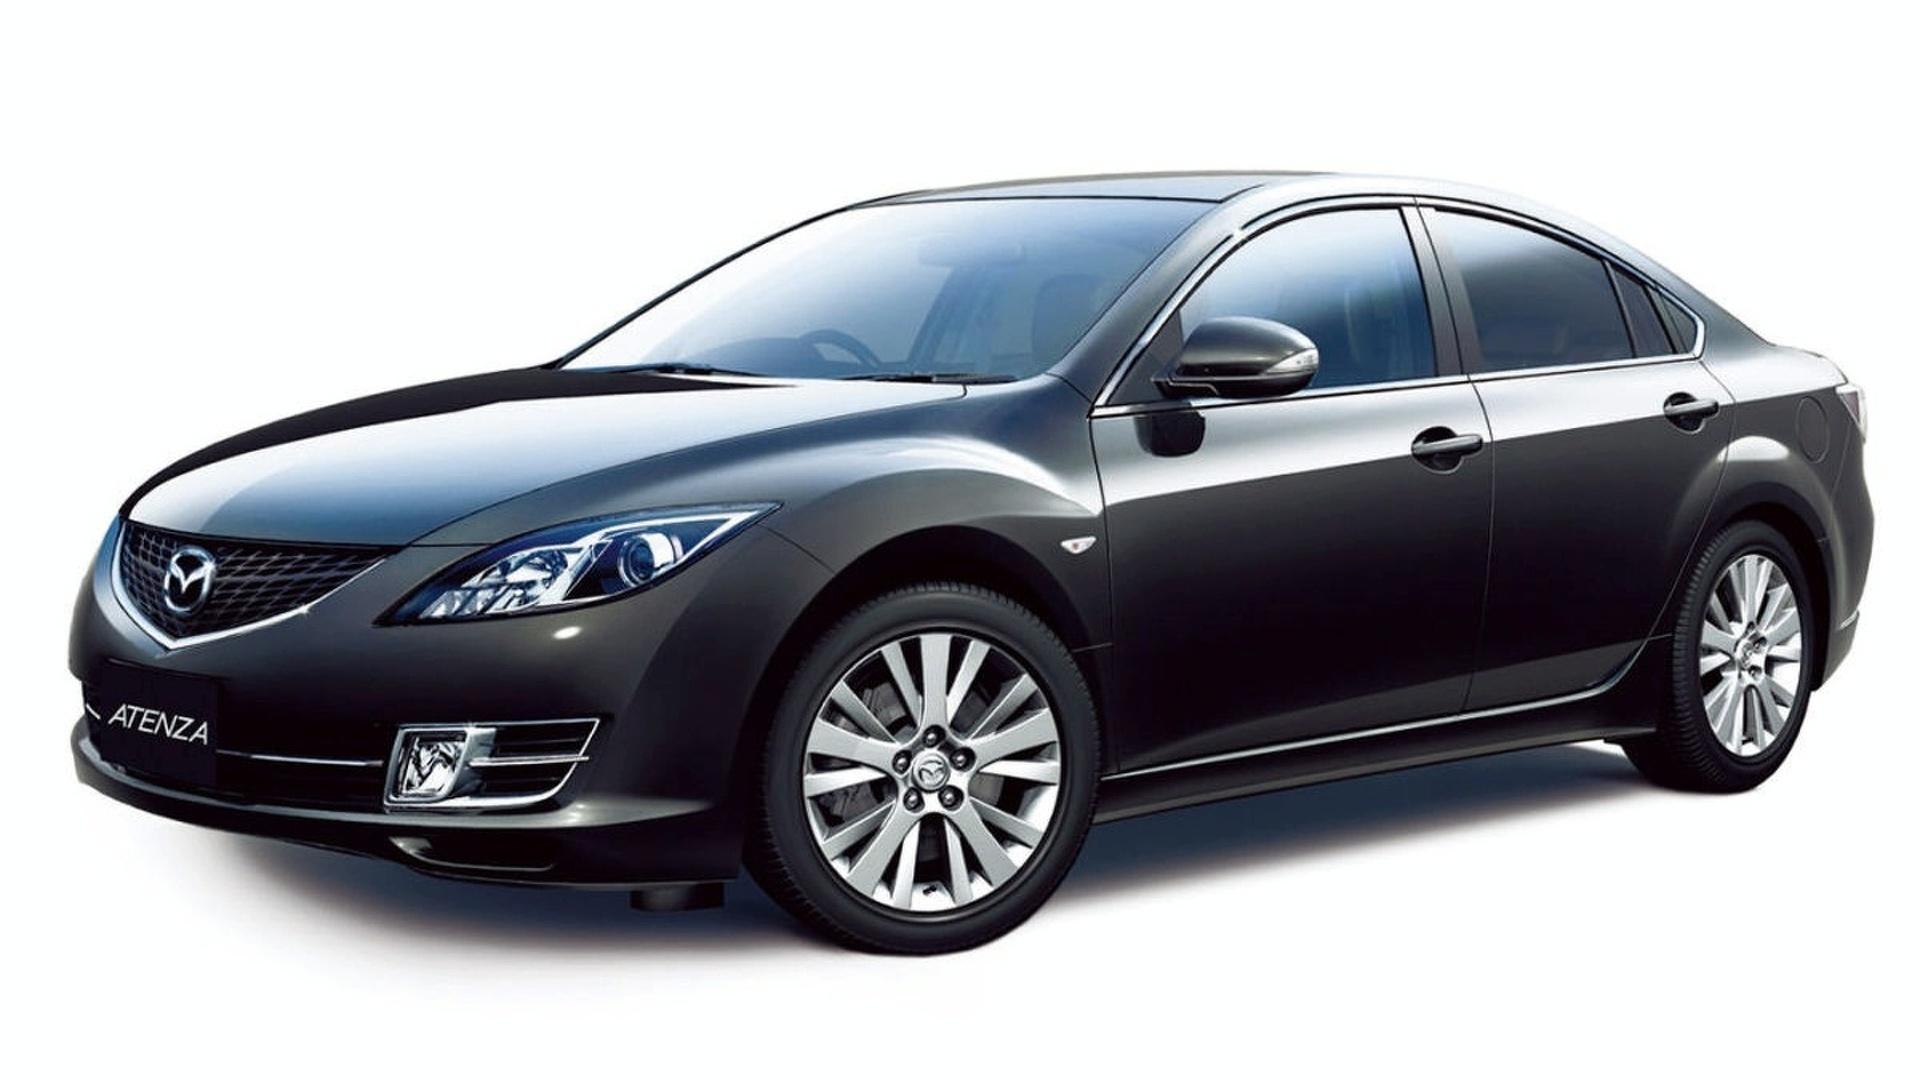 Mazda Atenza Special Edition sedan released in Japan